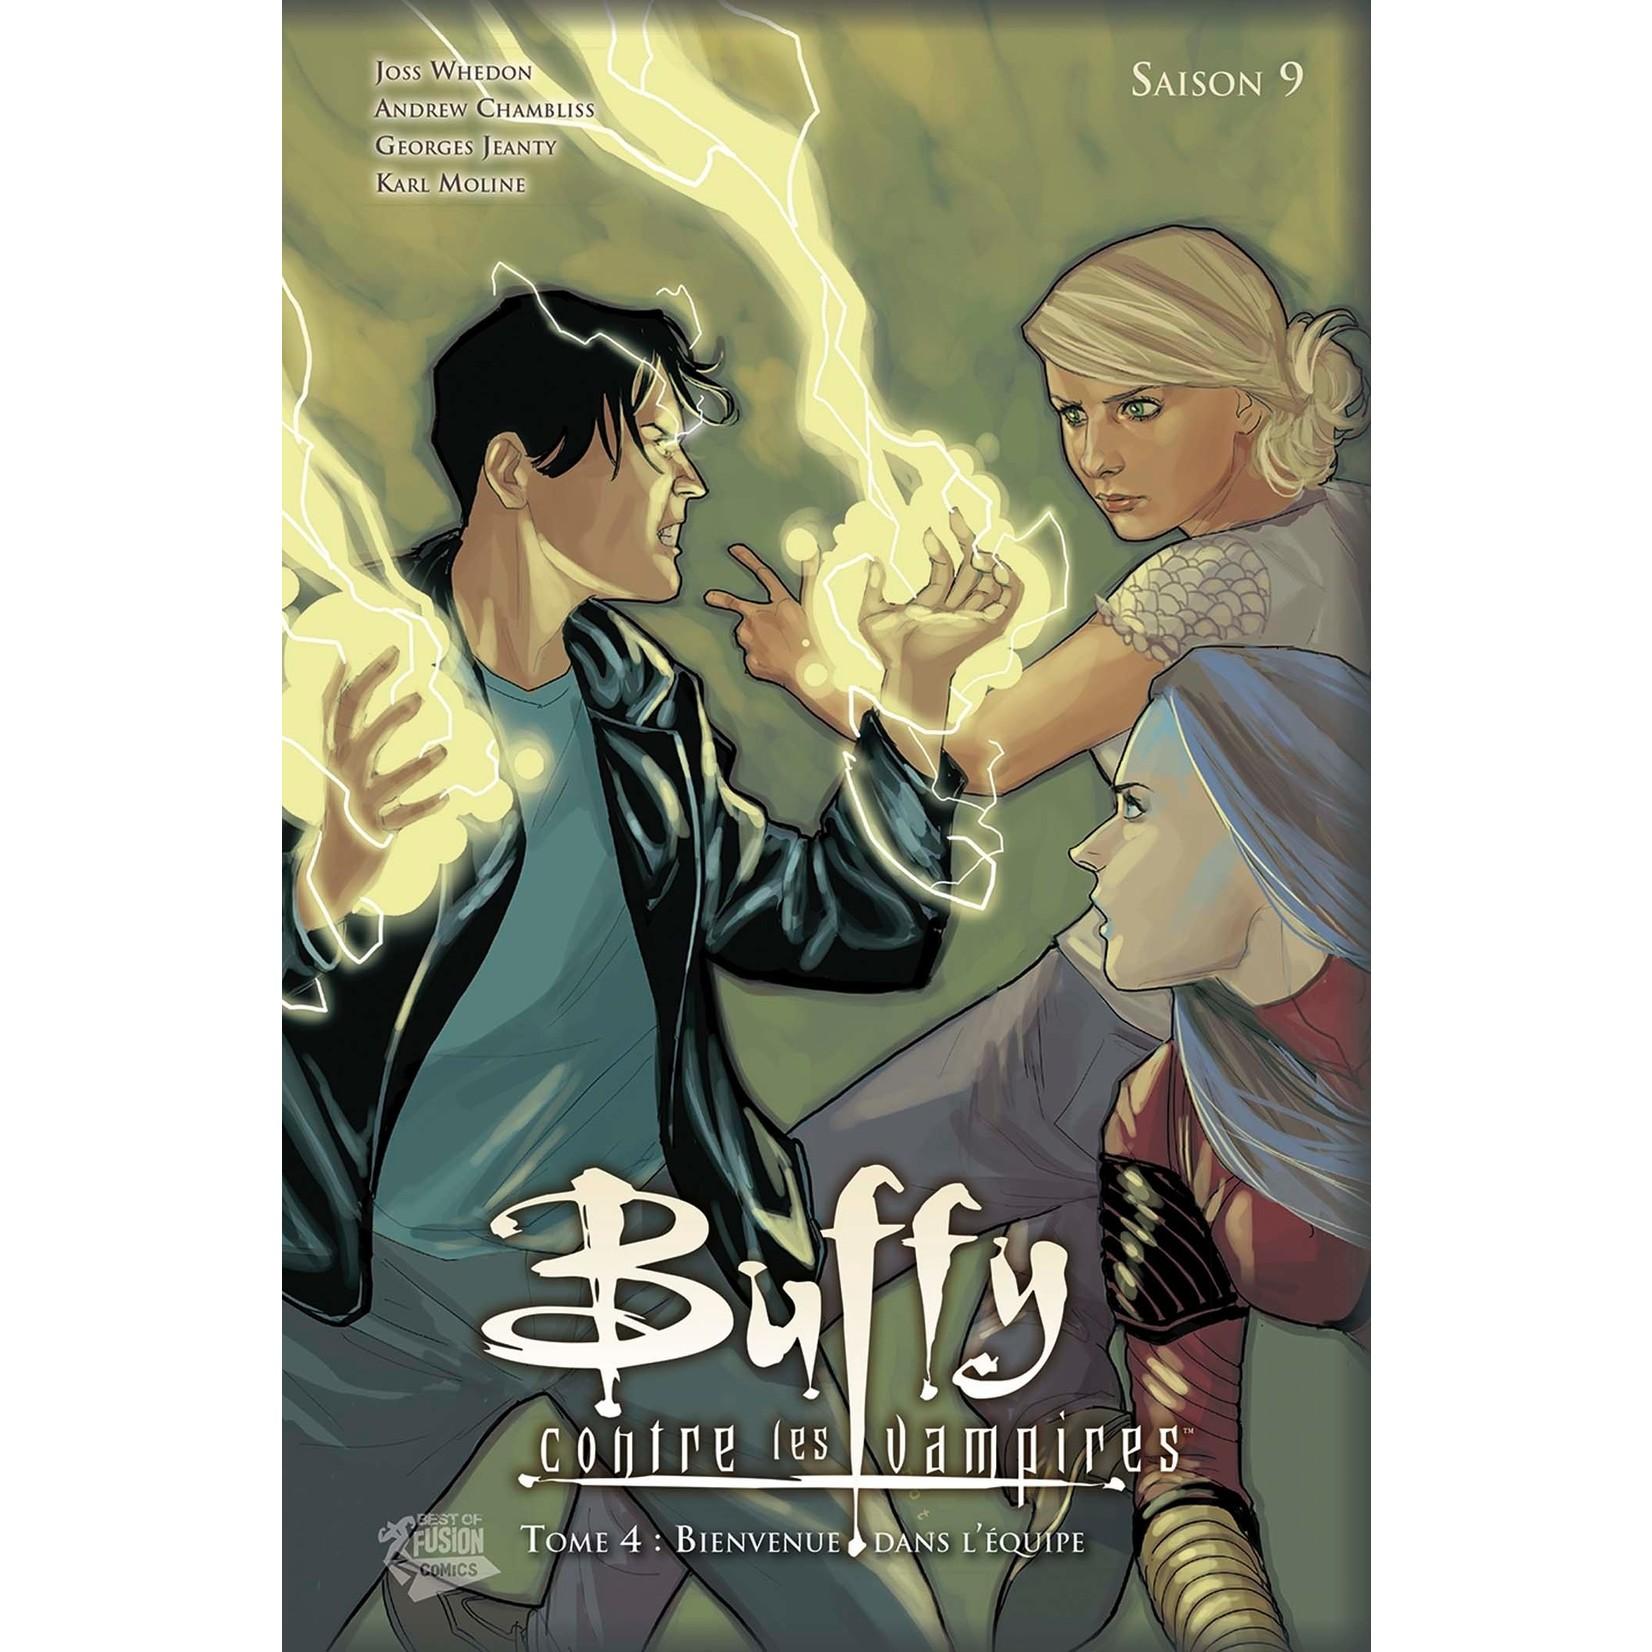 Hard Cover - Buffy contre les vampires - Saison 9 - Tome 4 : Bienvenue dans l'équipe